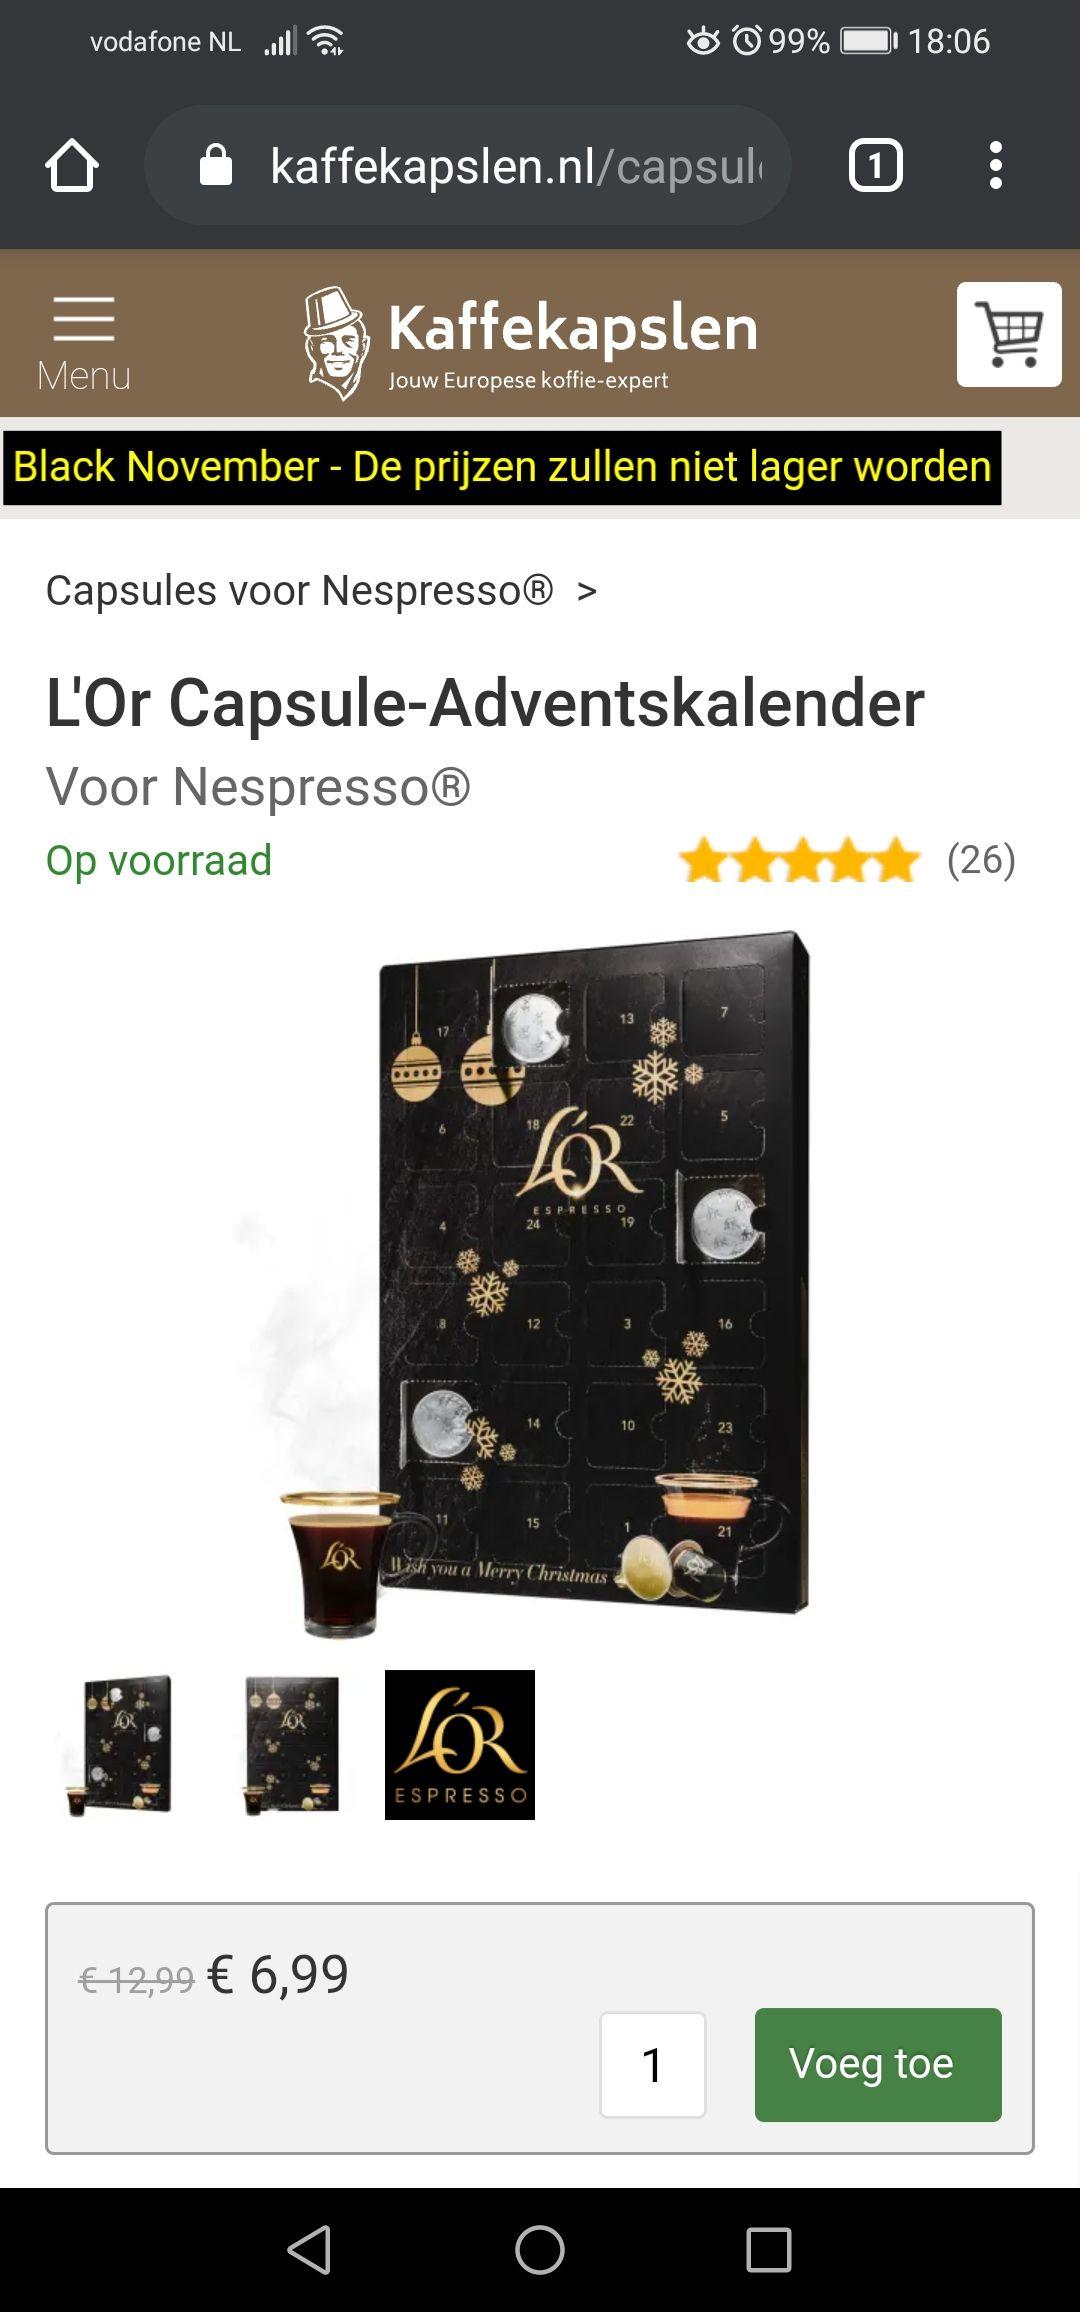 UPDATE 13 DECEMBER 2020: niet op voorraad L'Or Capsule-Adventskalender